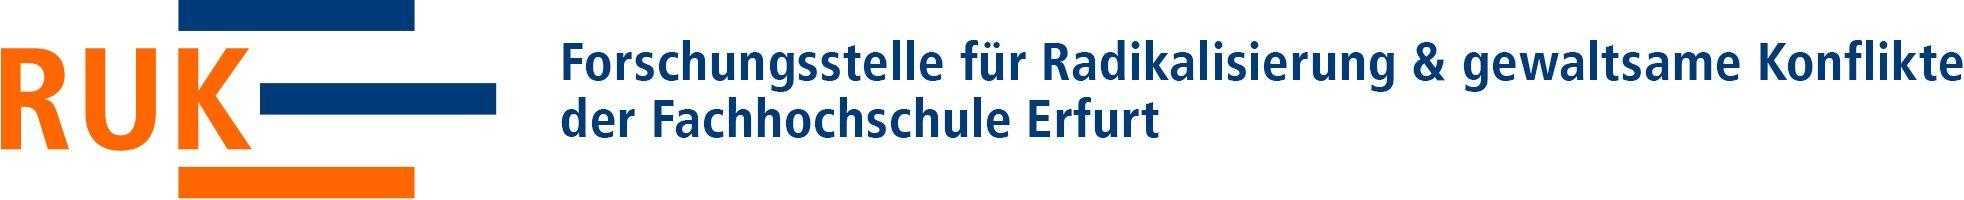 Forschungsstelle der FH Erfurt